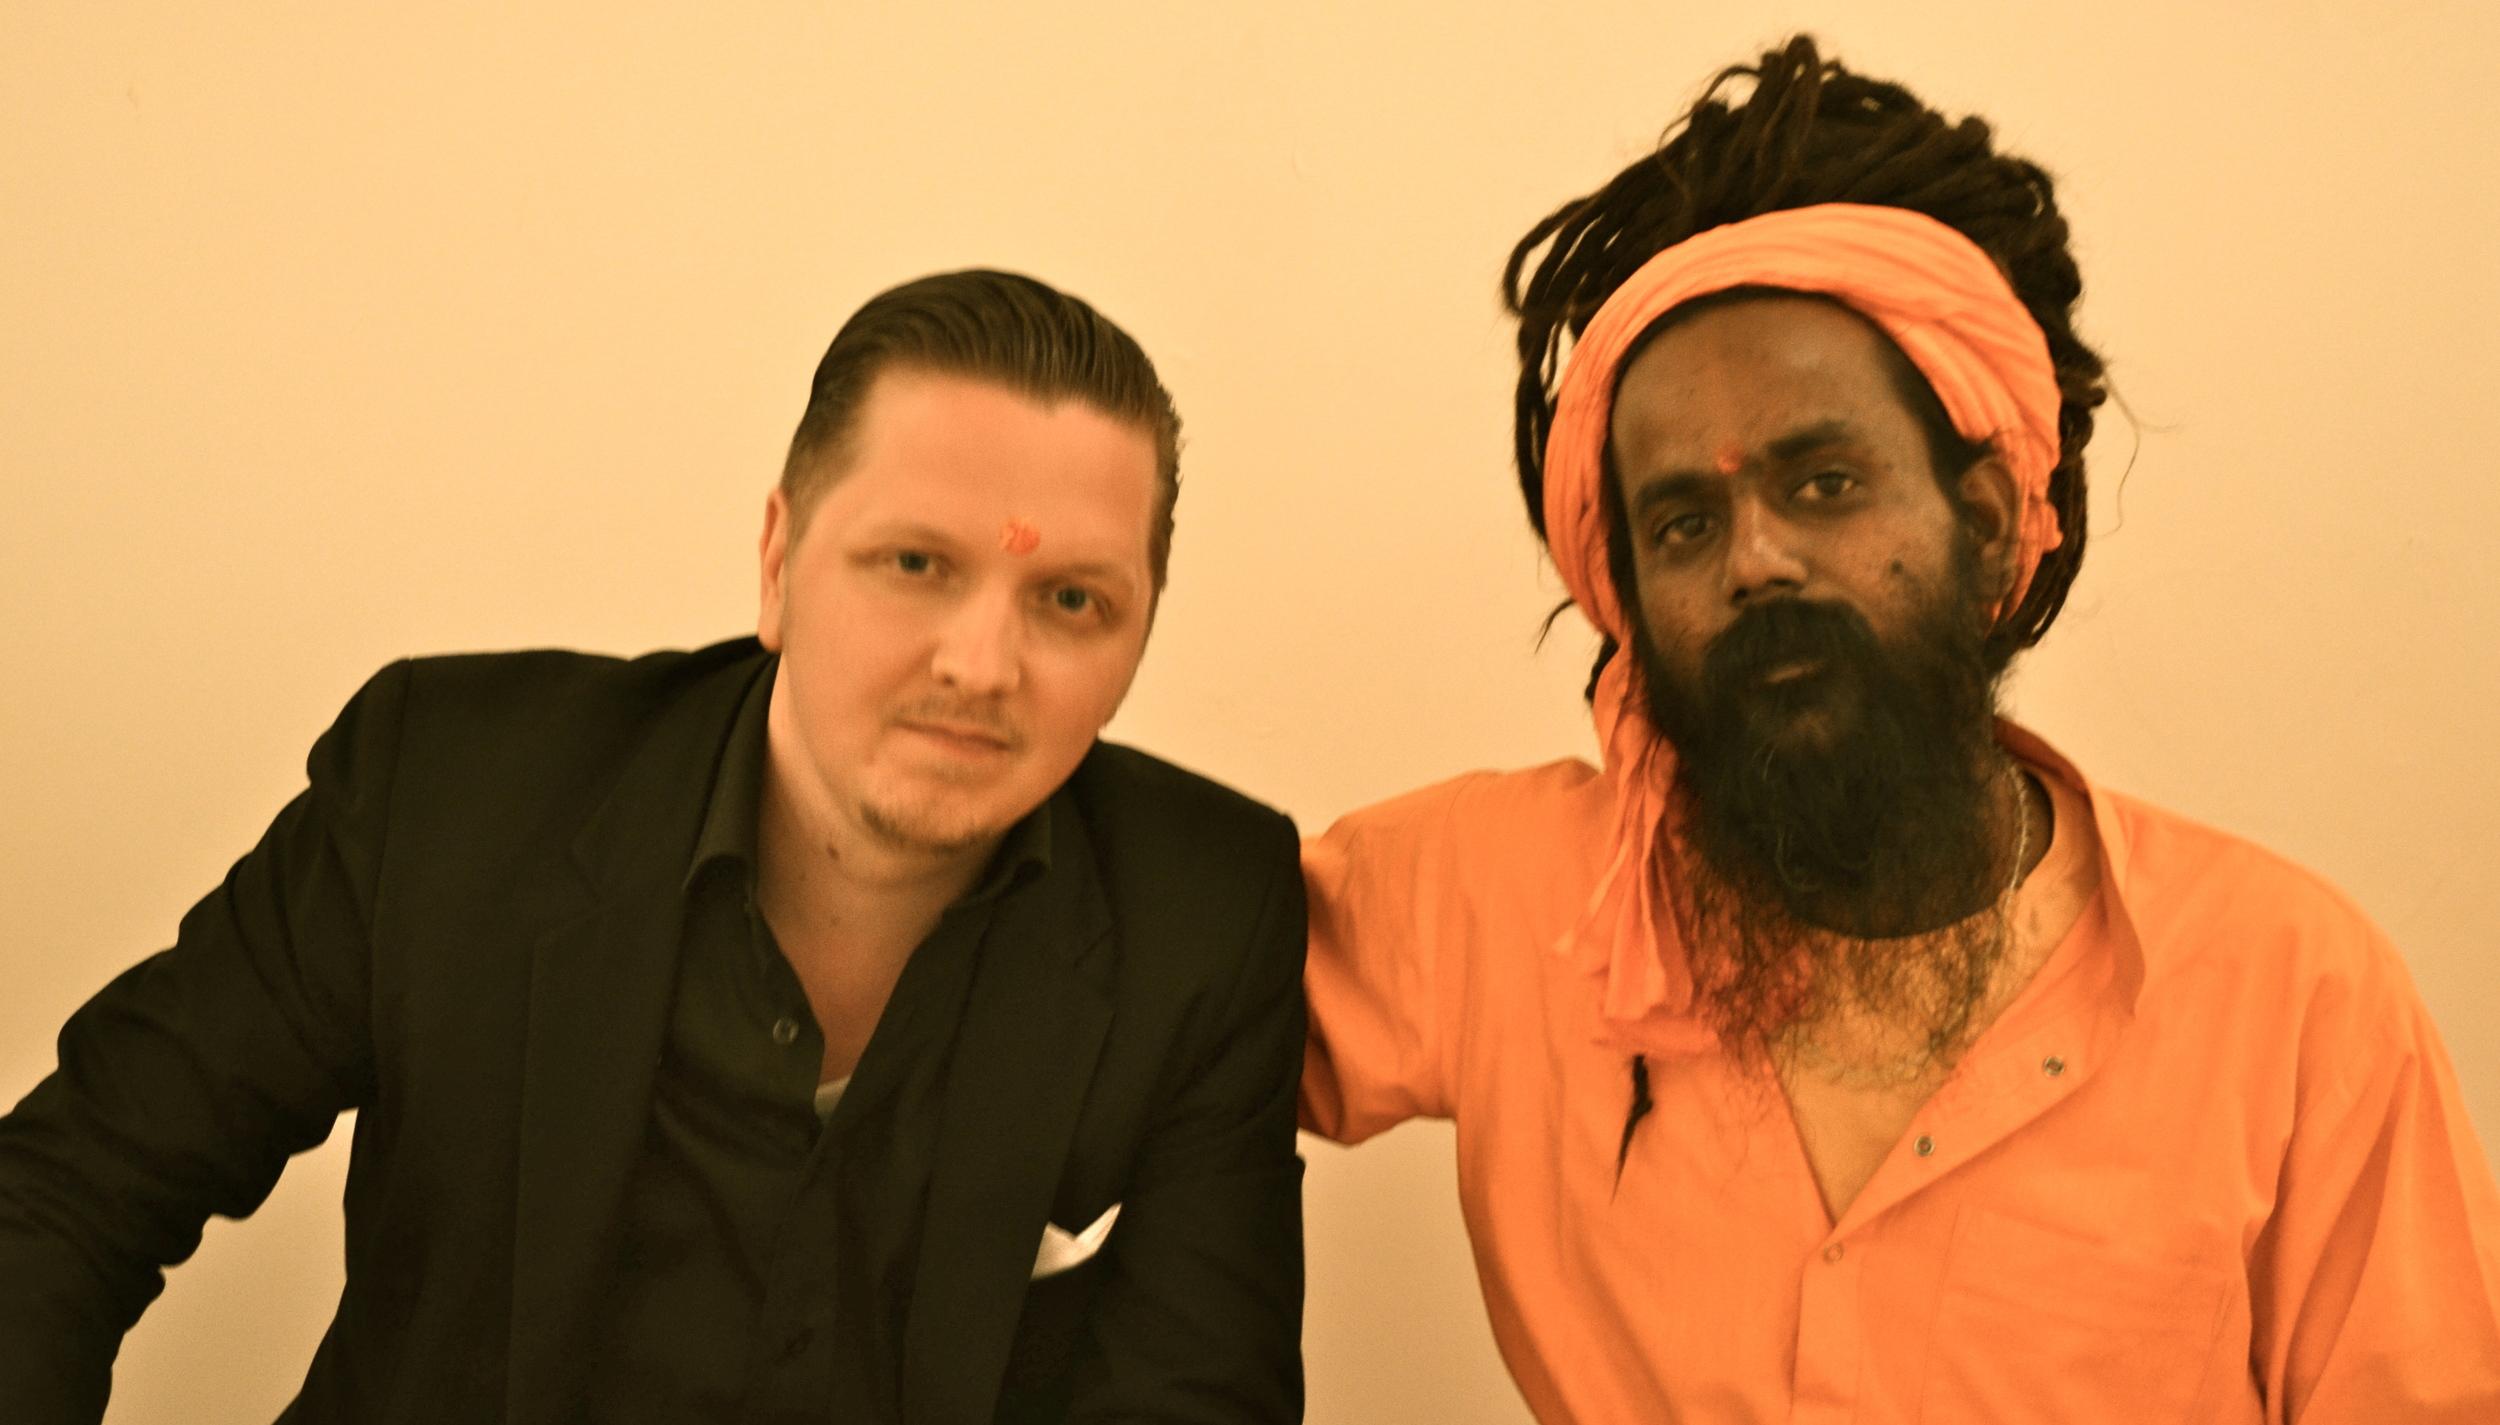 Kirjoittaja ja Surendra Puri Pariisissa 2012. Kuva: Christian Möllenhoff.